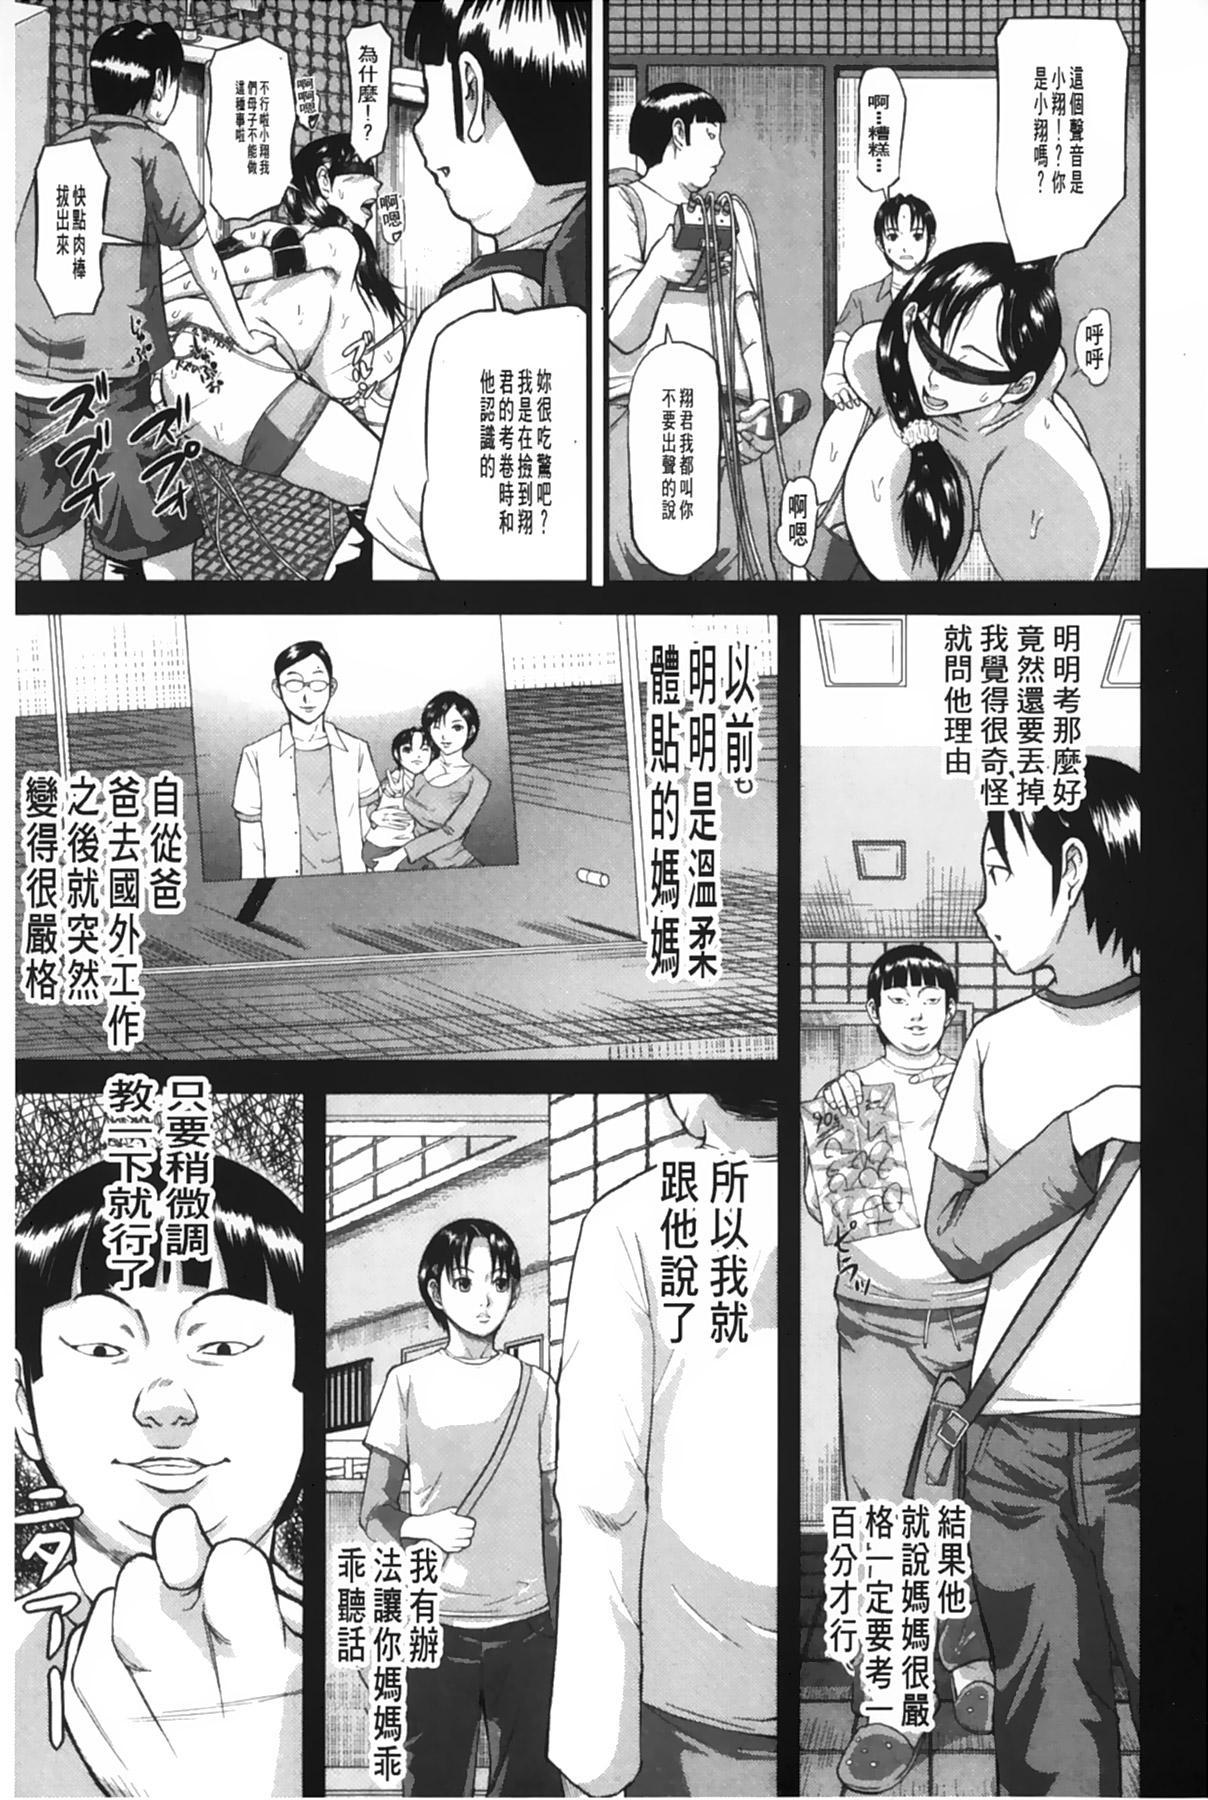 [Honebuto Danshaku] Onna Jigoku Niku no Tsubo~Hentai Rui Inran Ka Mesu Buta Ichidaiki~ | 女地獄、肉之壺 ~変態類淫乱科淫母豬一代記~ [Chinese] 13